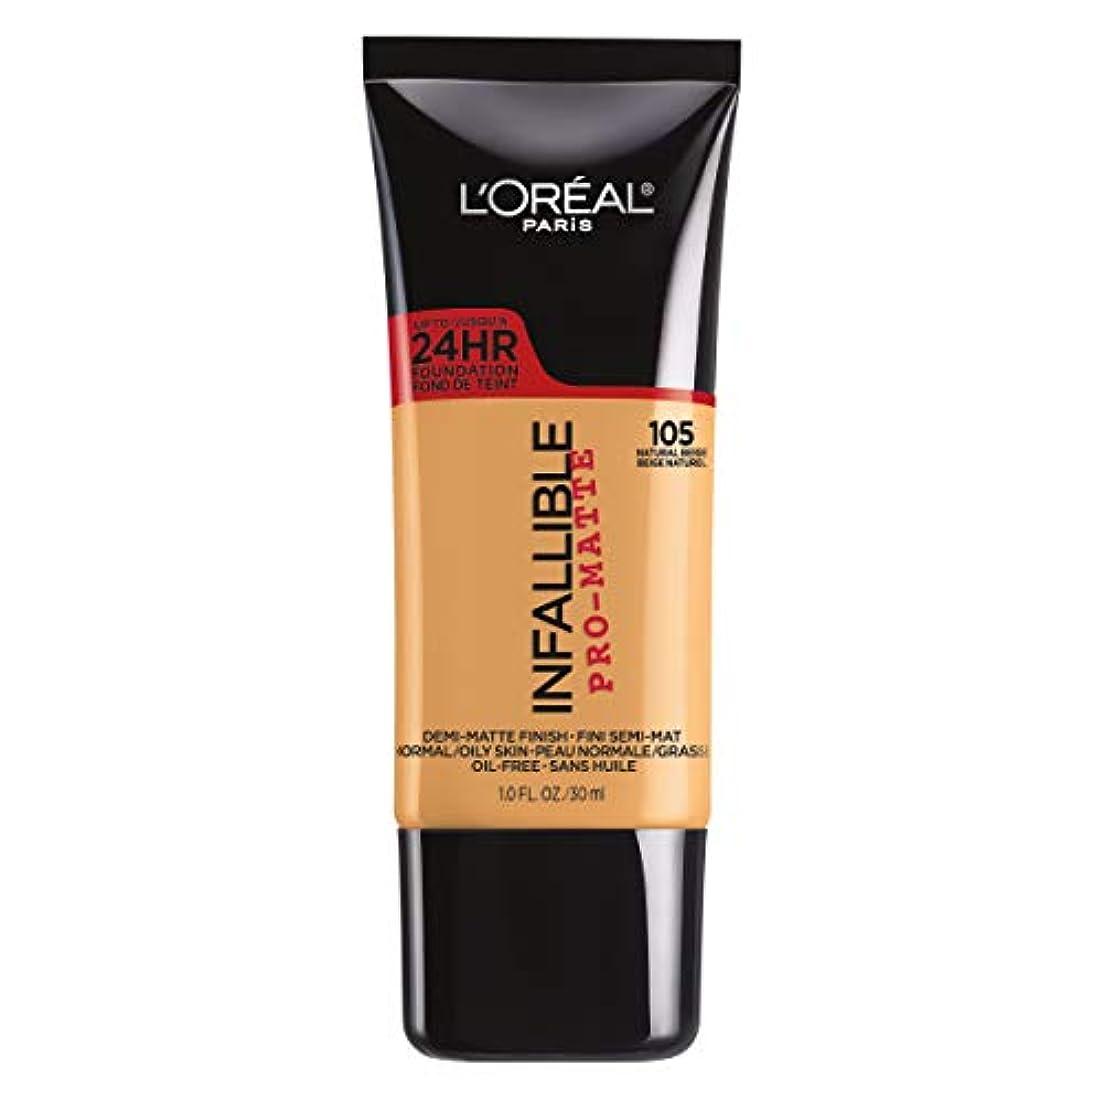 去る最近とまり木L'Oreal Paris Infallible Pro-Matte Foundation Makeup, 105 Natural Beige, 1 fl. oz[並行輸入品]